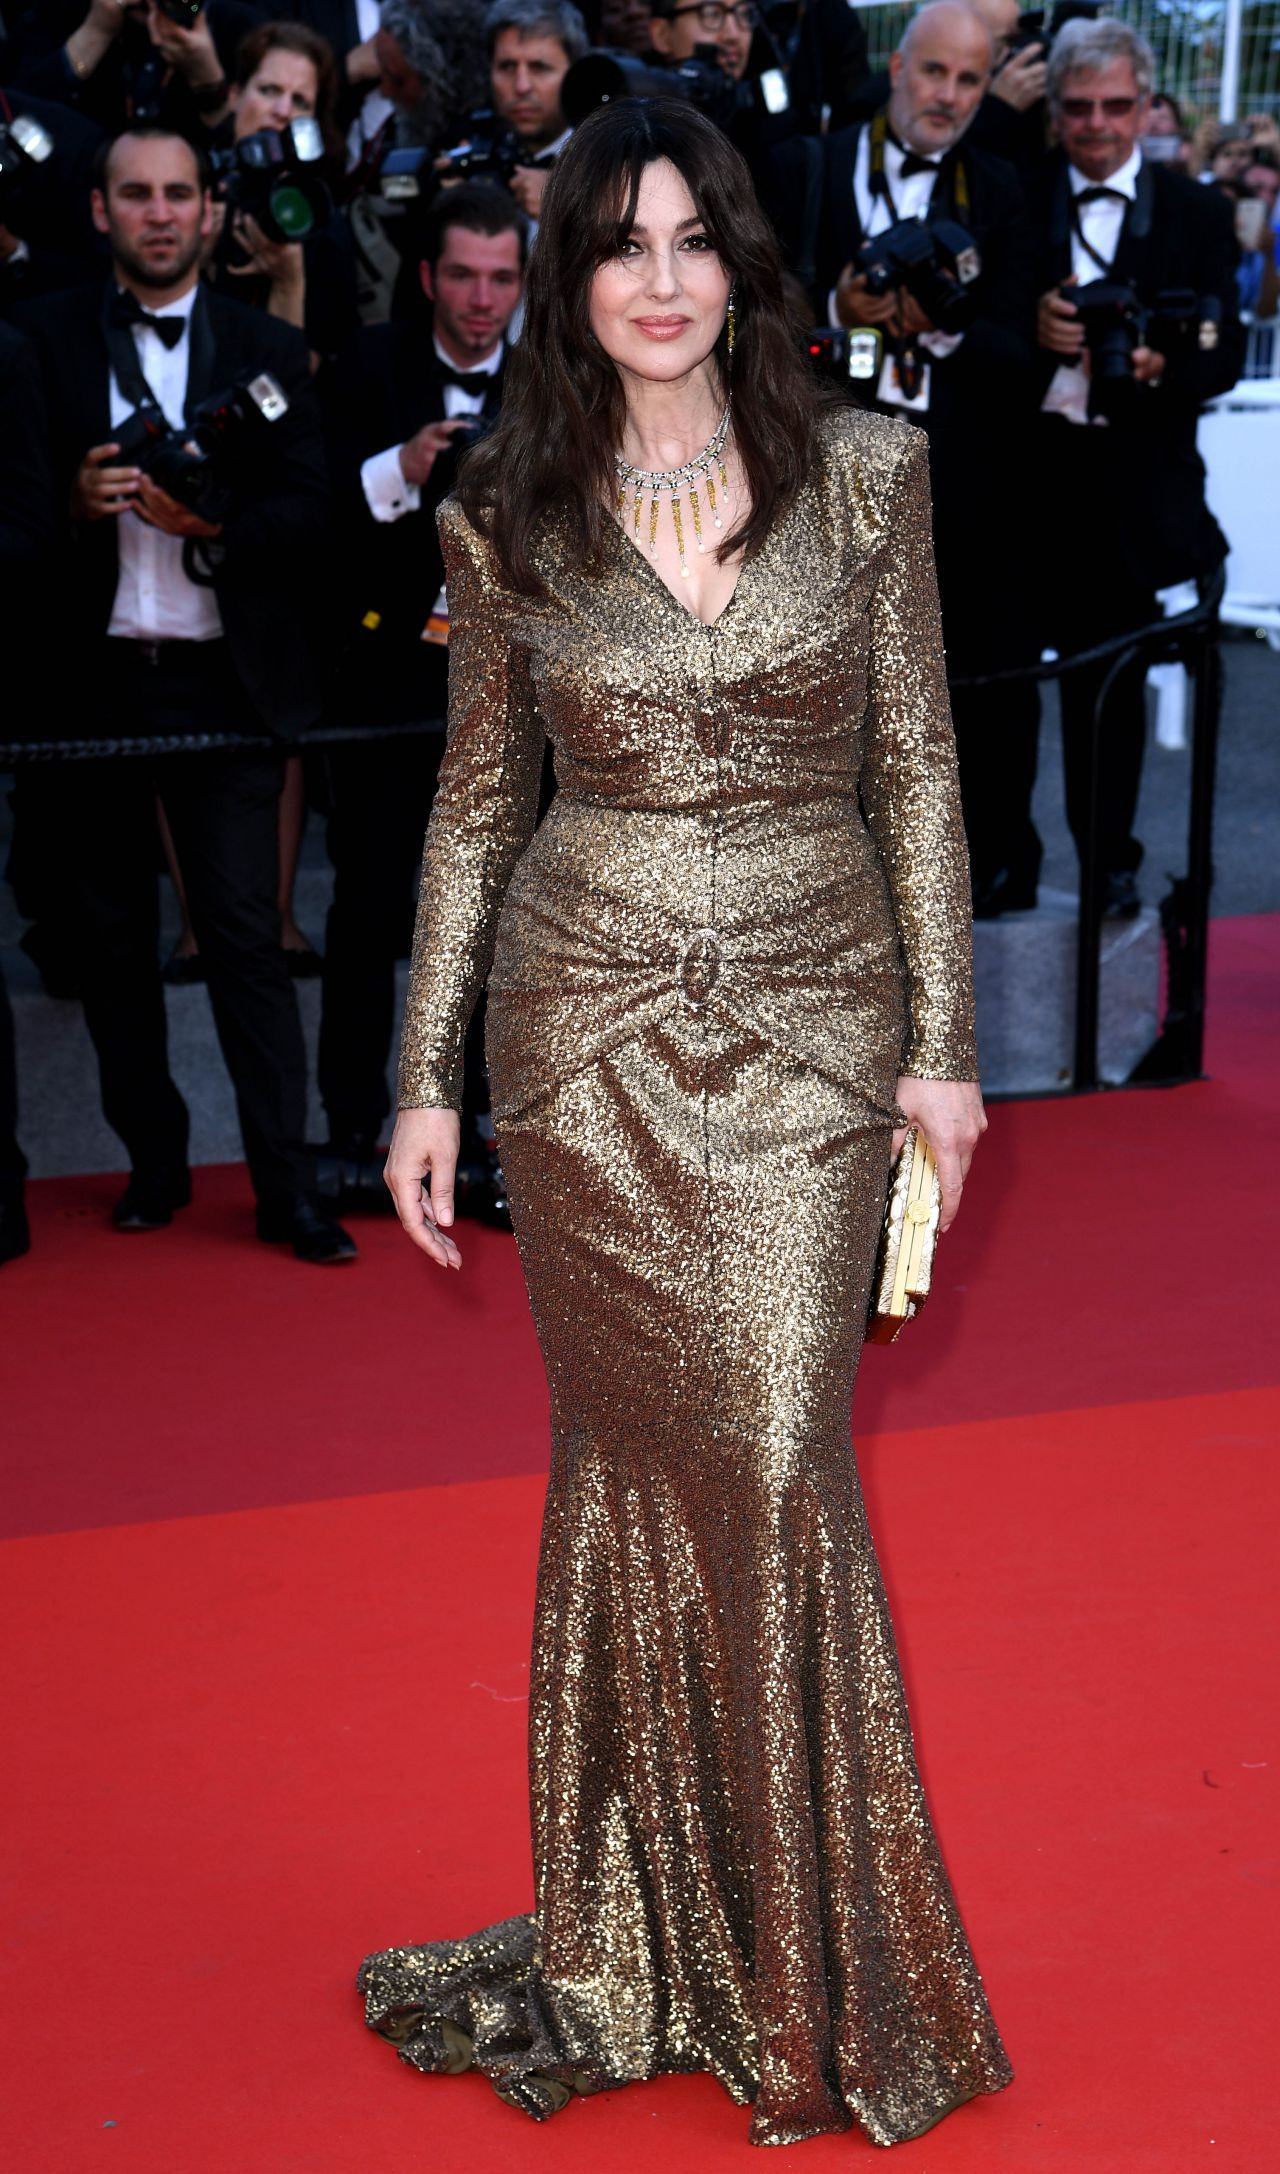 Monica bellucci anniversary soiree at cannes film festival